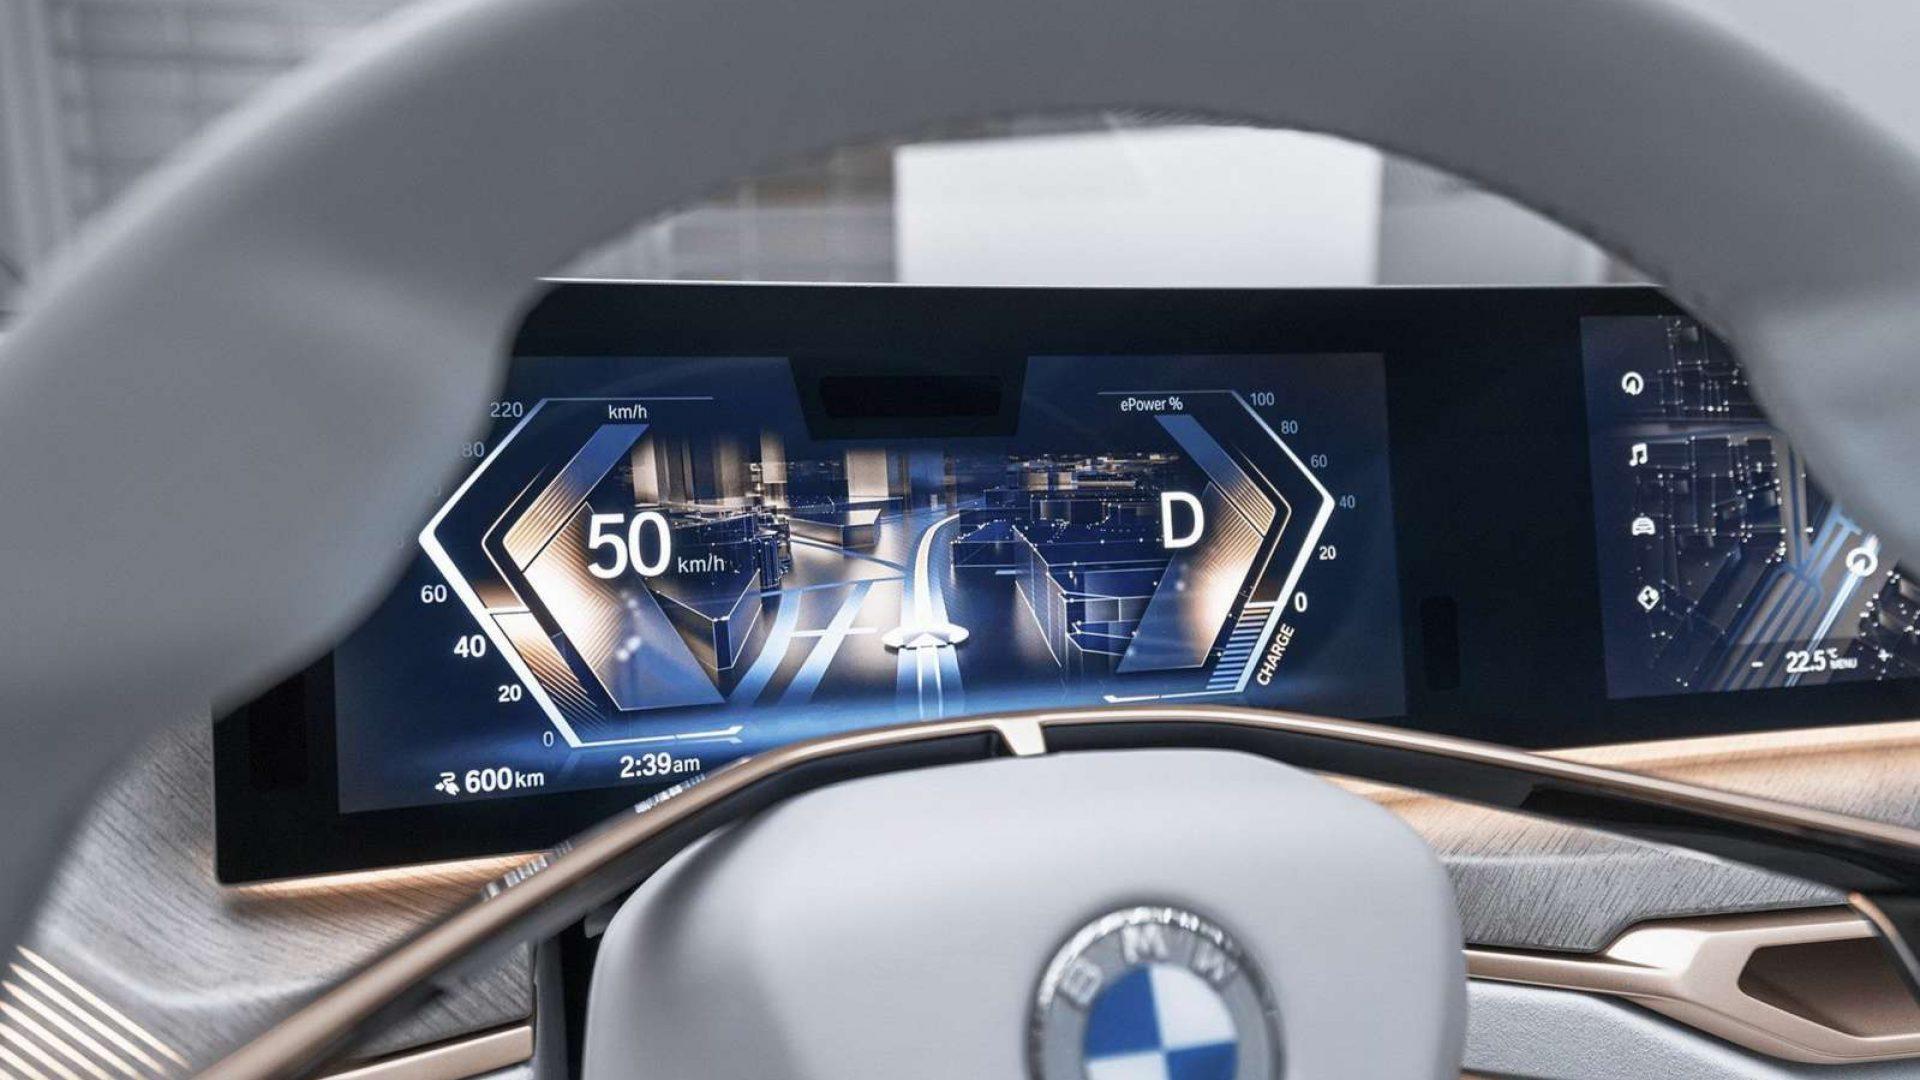 2020-BMW-Concept-i4-Interior-02